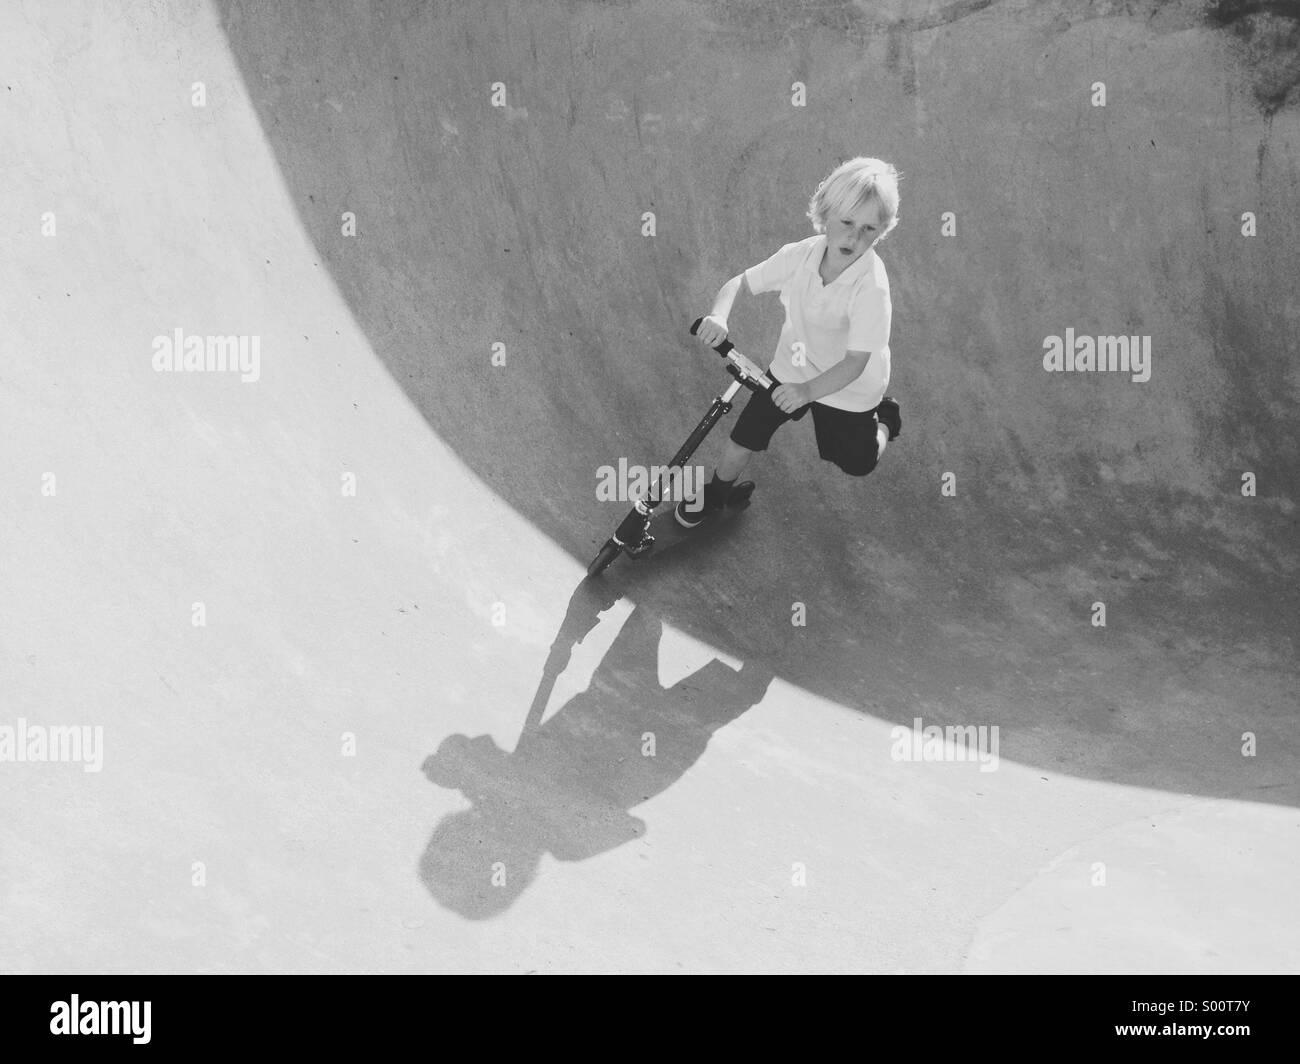 Giovane ragazzo in sella al suo scooter a skate park. Immagini Stock